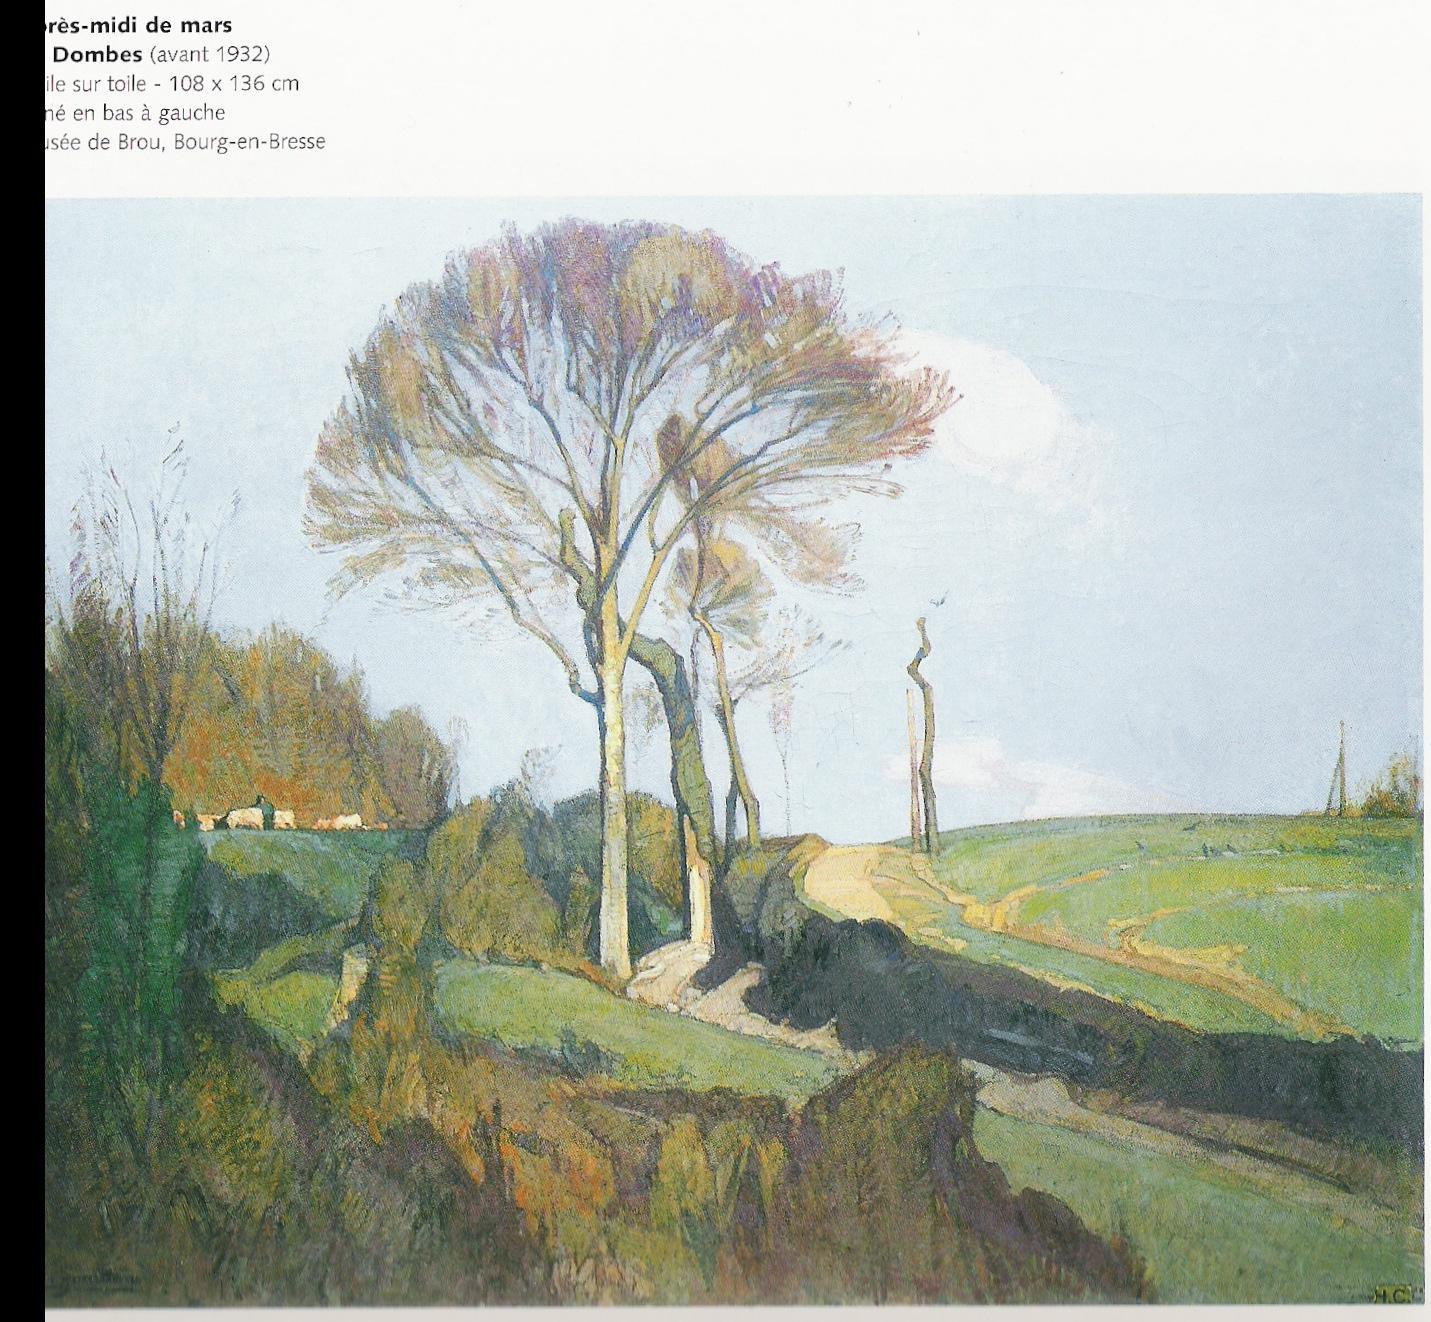 Après-midi de mars en Dombes (avant 1932)-Huile sur toile 108x136cm-Musée de Brou à Bourg en Bresse